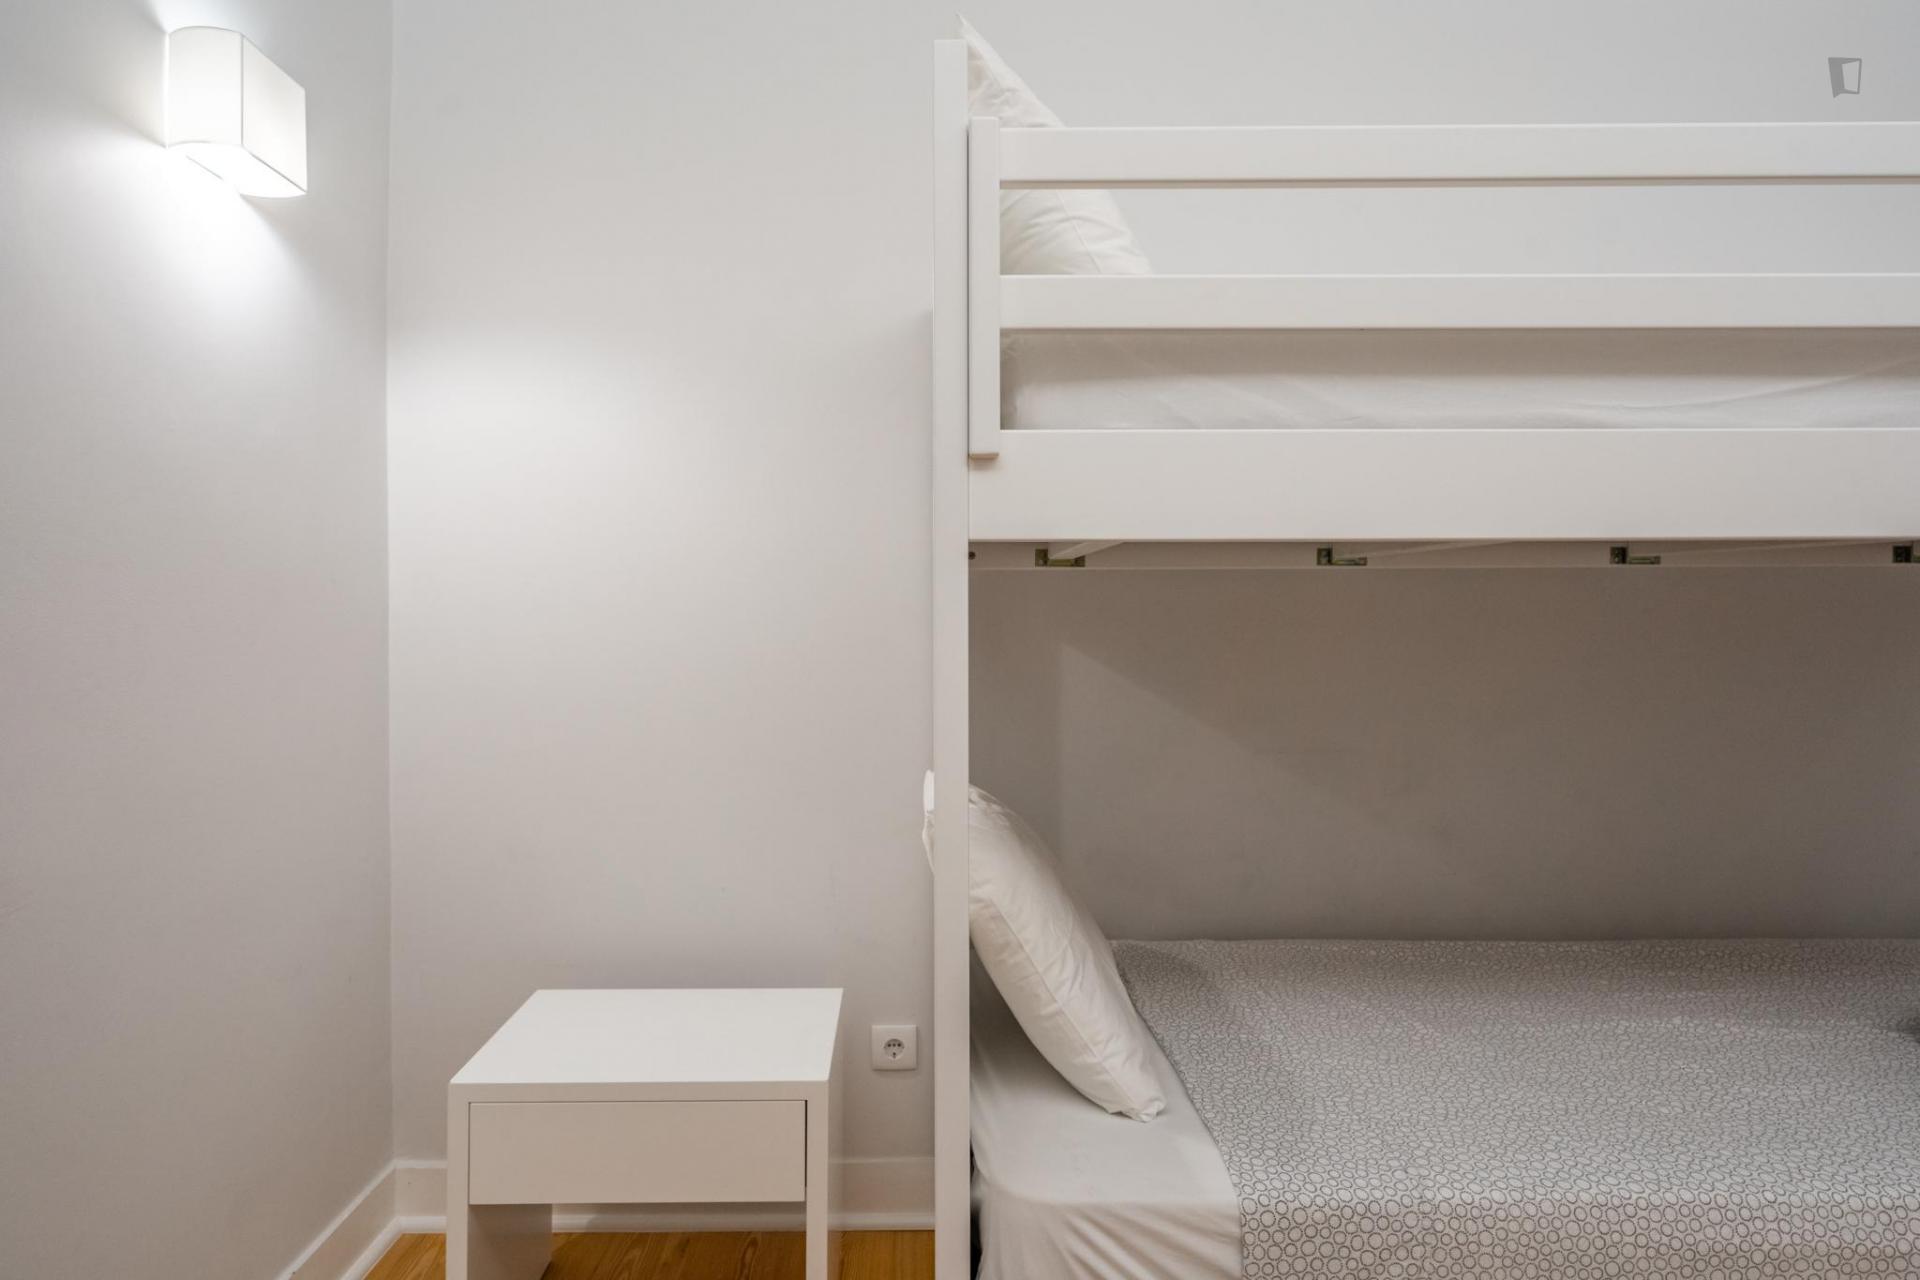 FarmacFarmacêutica- Piso de lujo de 4 cuartos en Lisboaêutica- Luxury 4 bedroom apartment in Lisbon